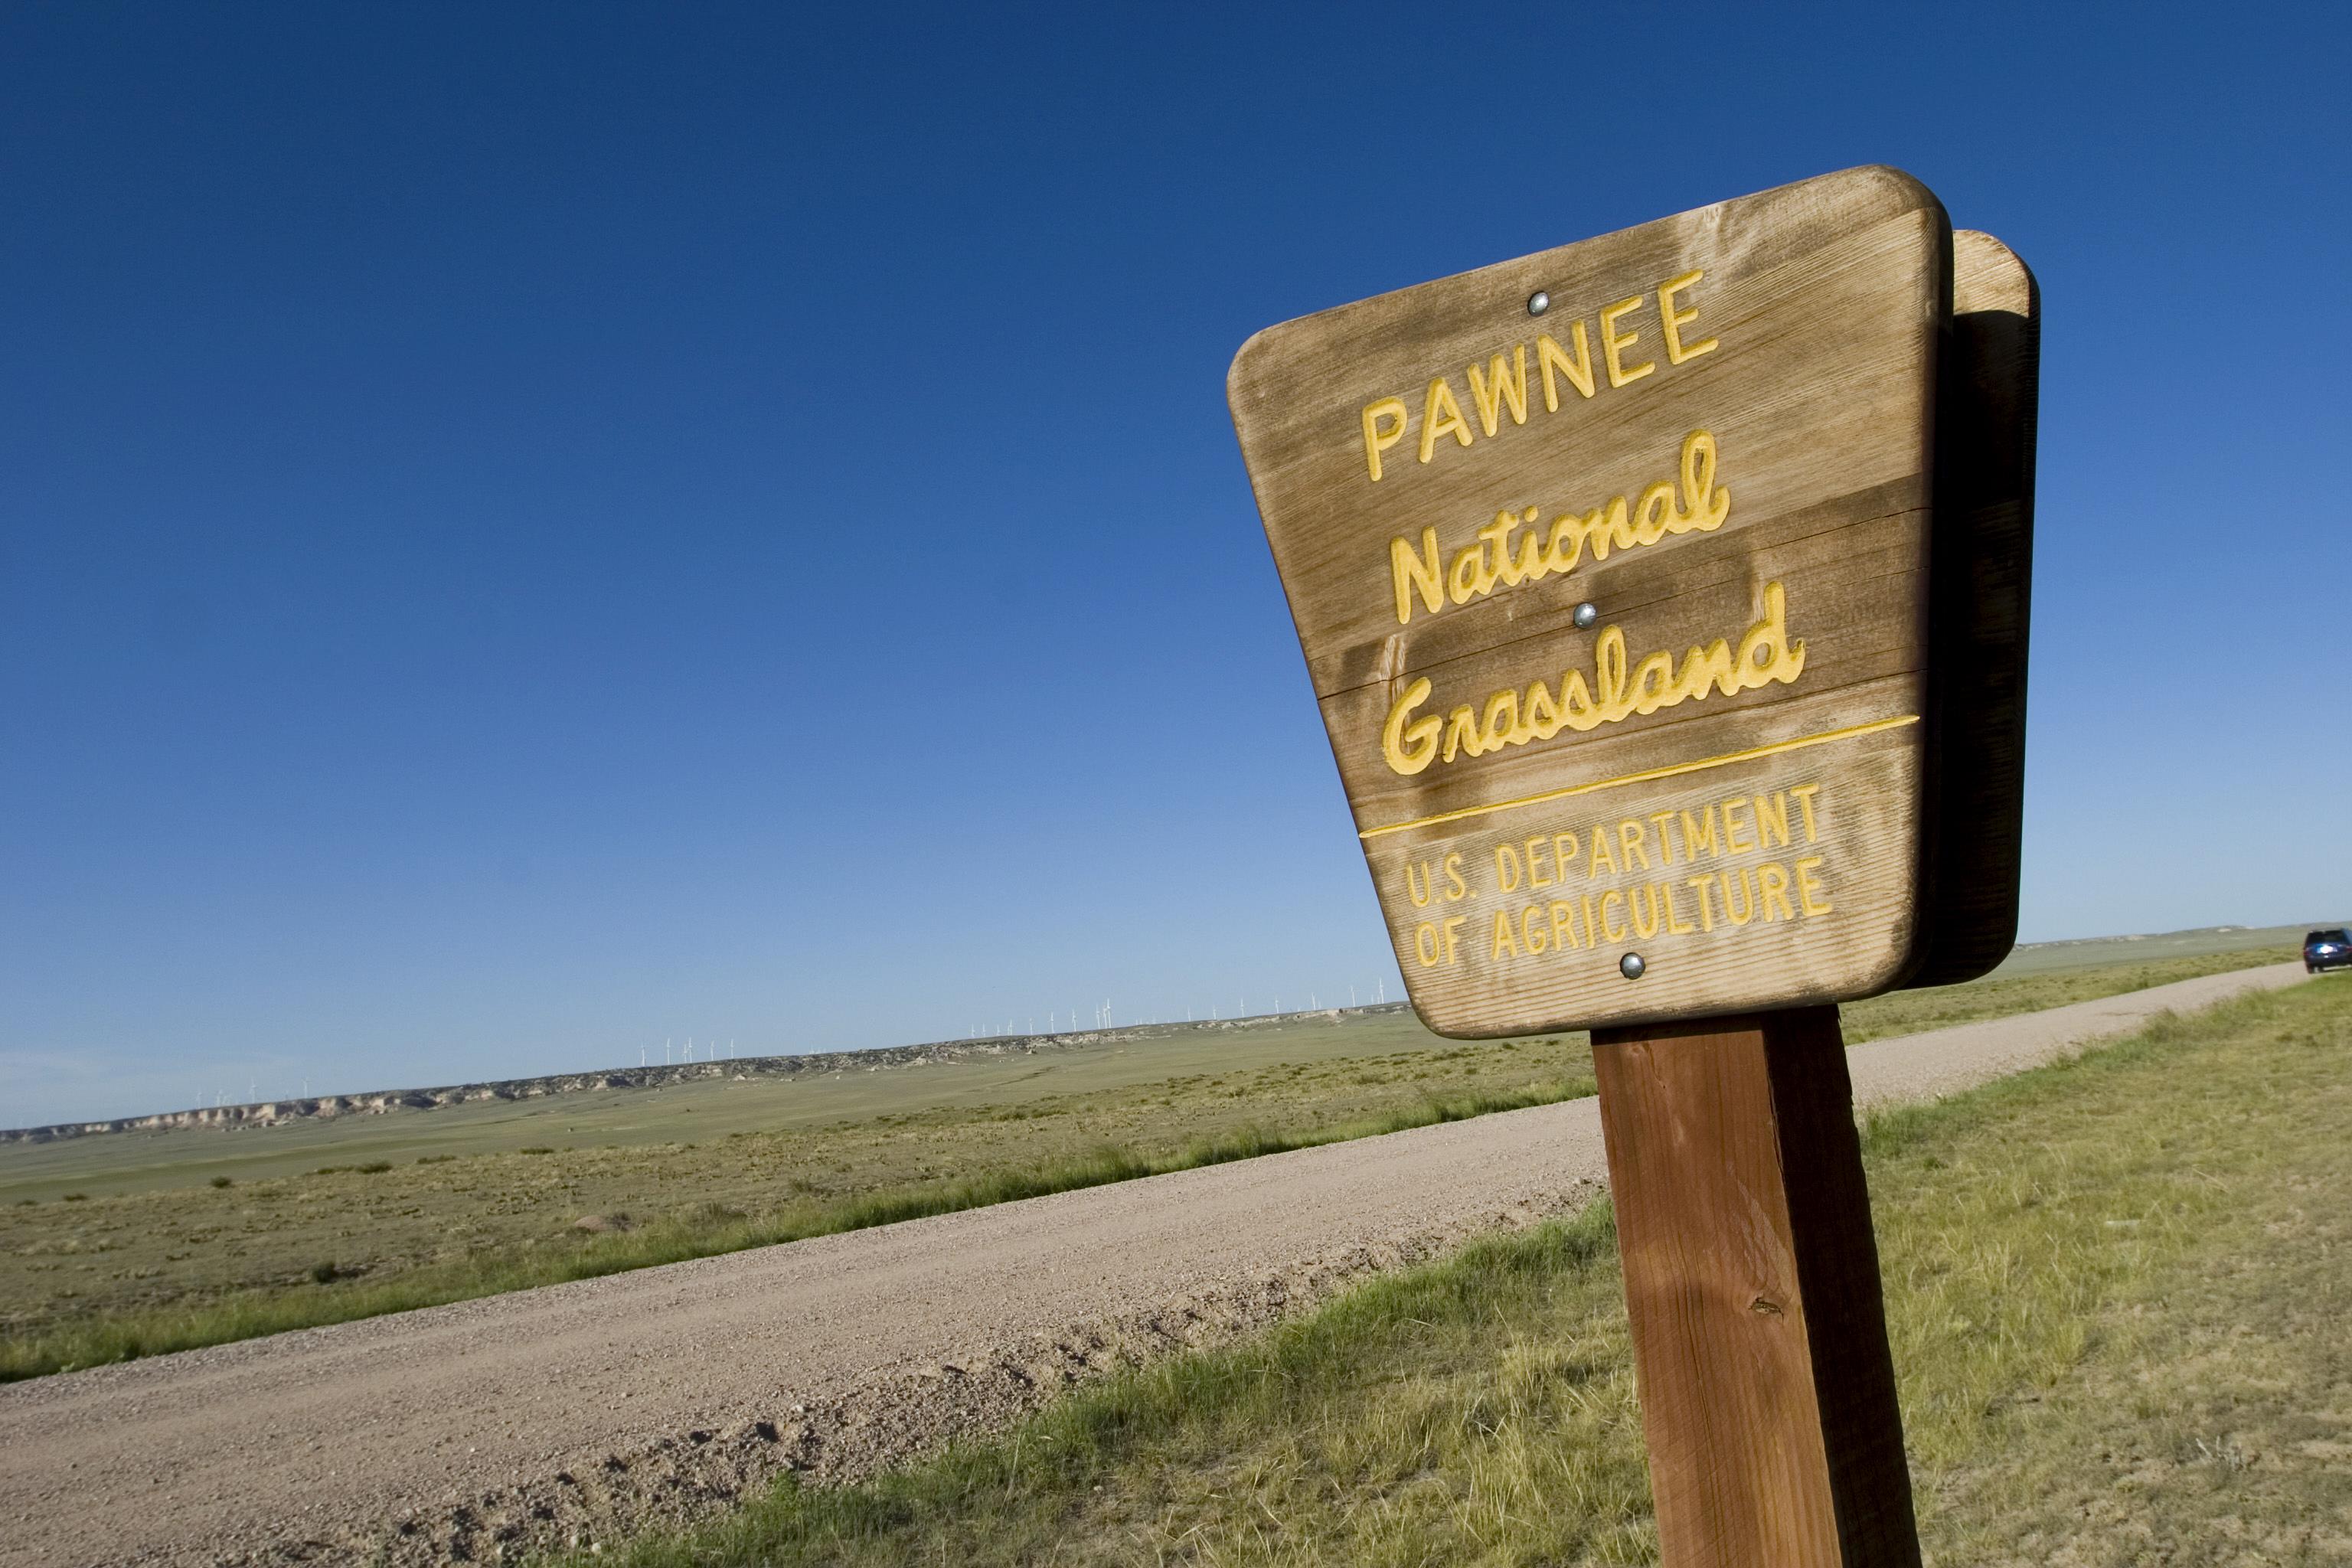 National National Grasslands detail image